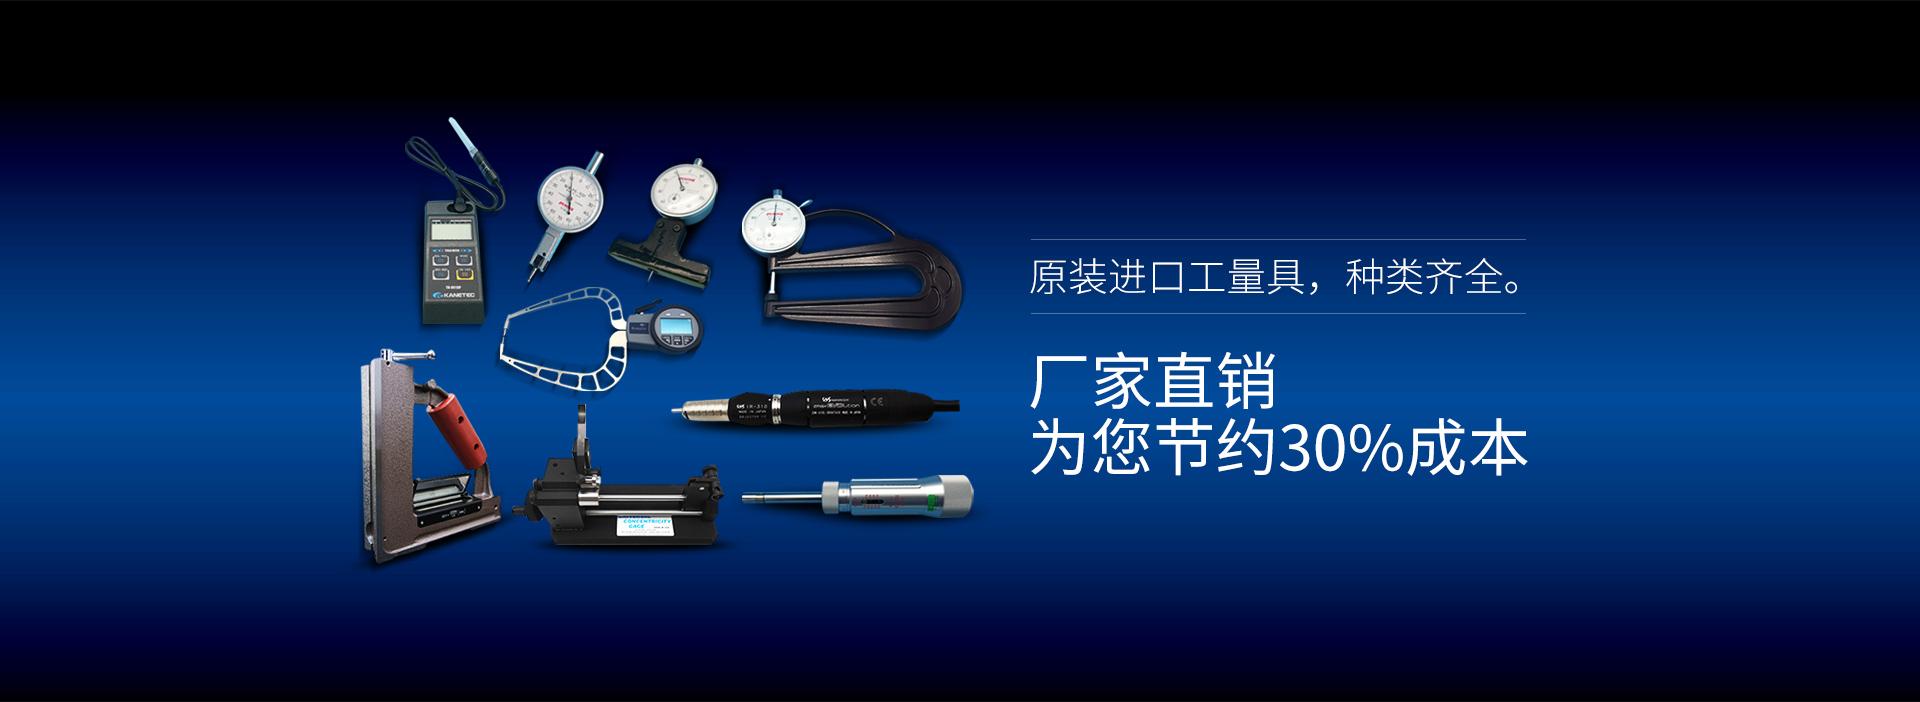 松本机电提供高精度主轴,扭力工具等